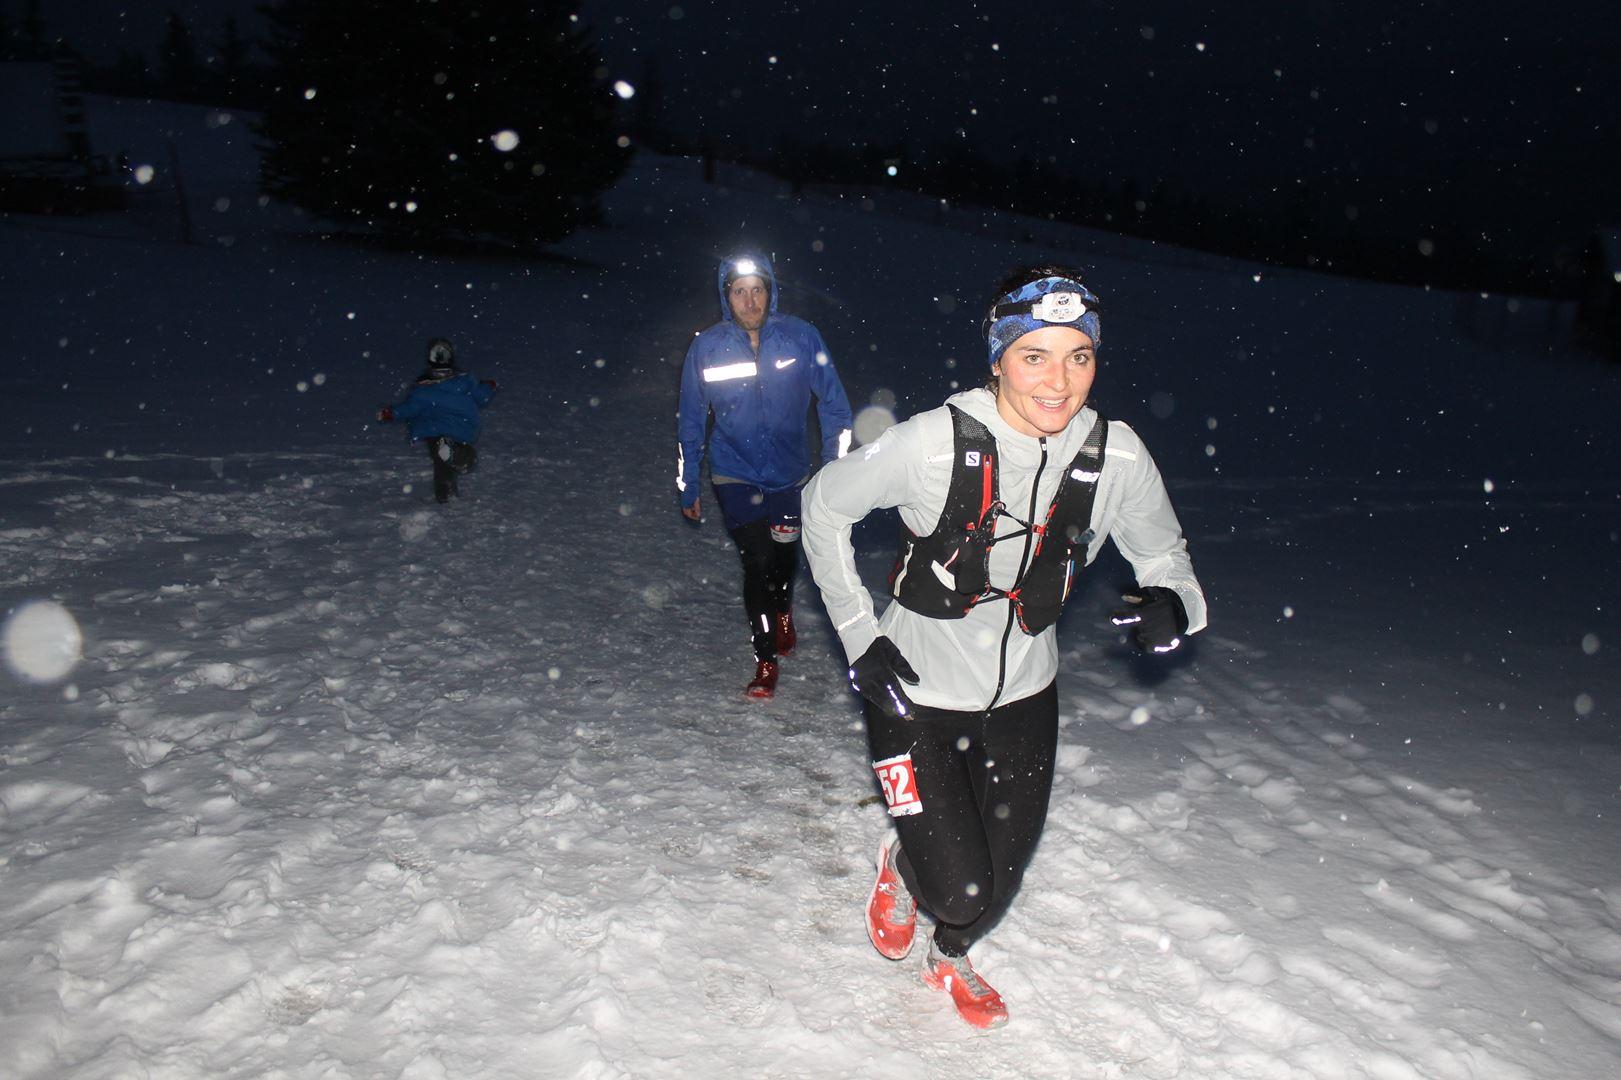 Laure Rebuffet 5ème fille du 16km - RESULTATS , COMMENTAIRES ET PHOTOS DU TRAIL BLANC DE LANS EN VERCORS (38) 04-03-2017